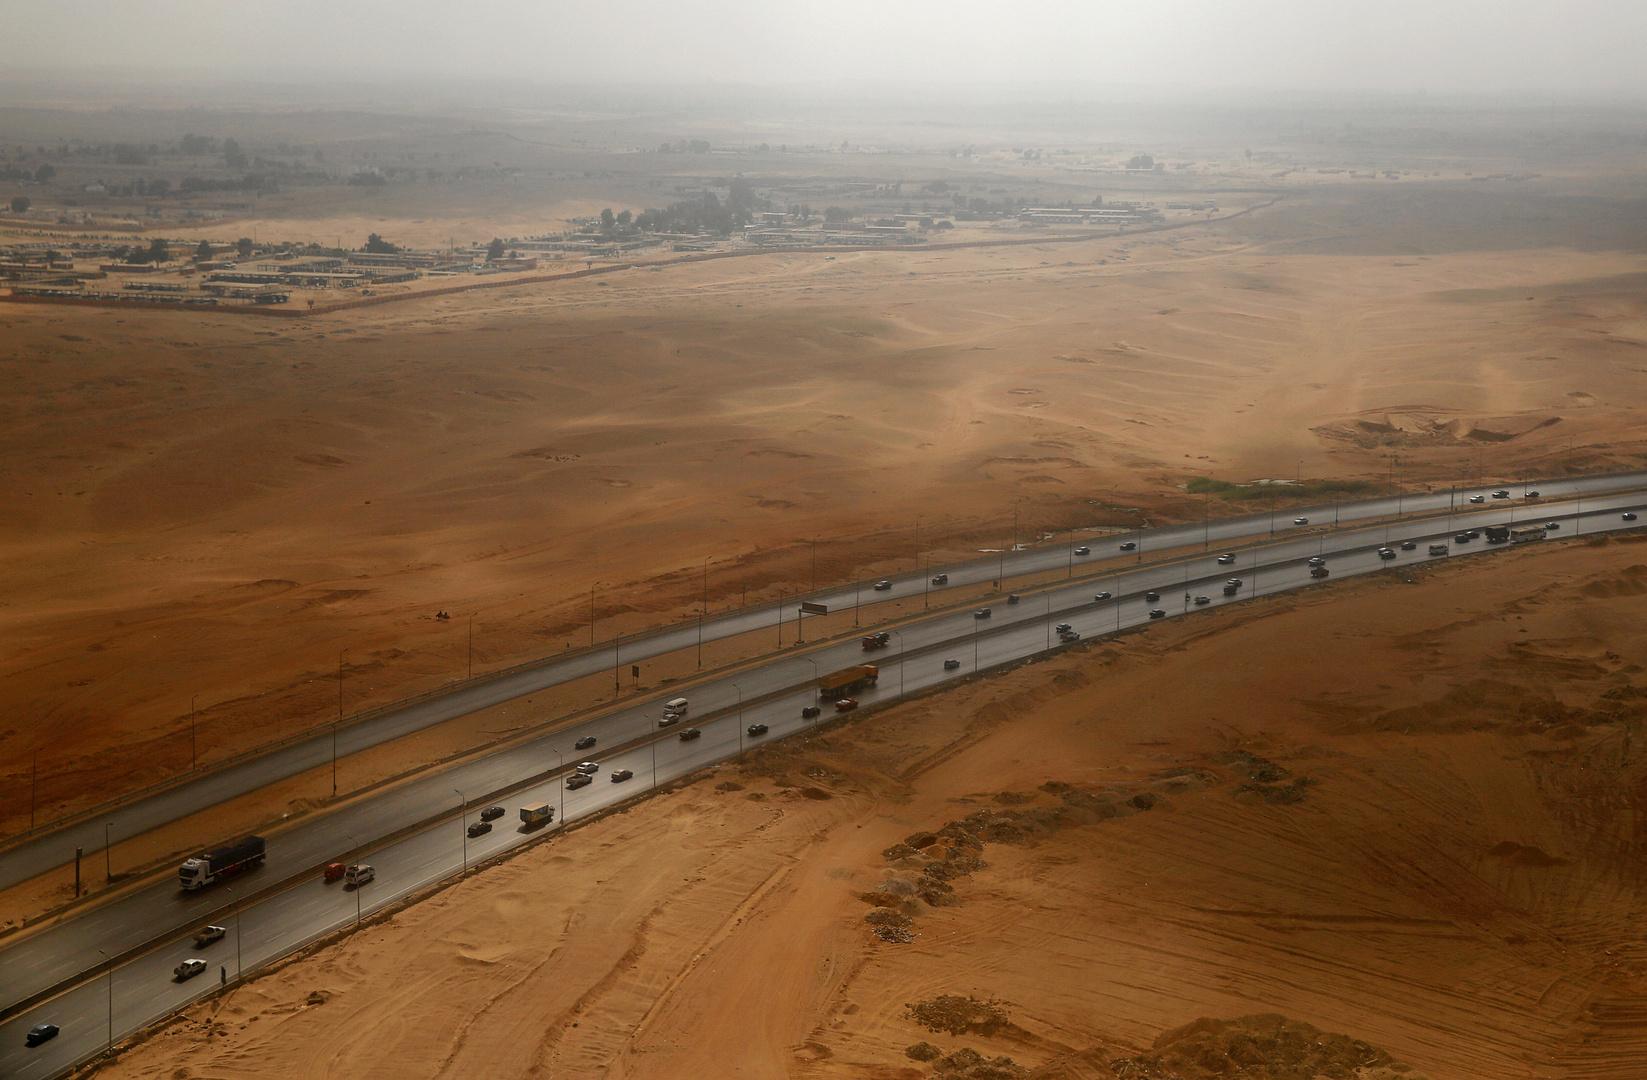 الكشف عن طريق دولي جديد سيربط مصر وليبيا وتونس